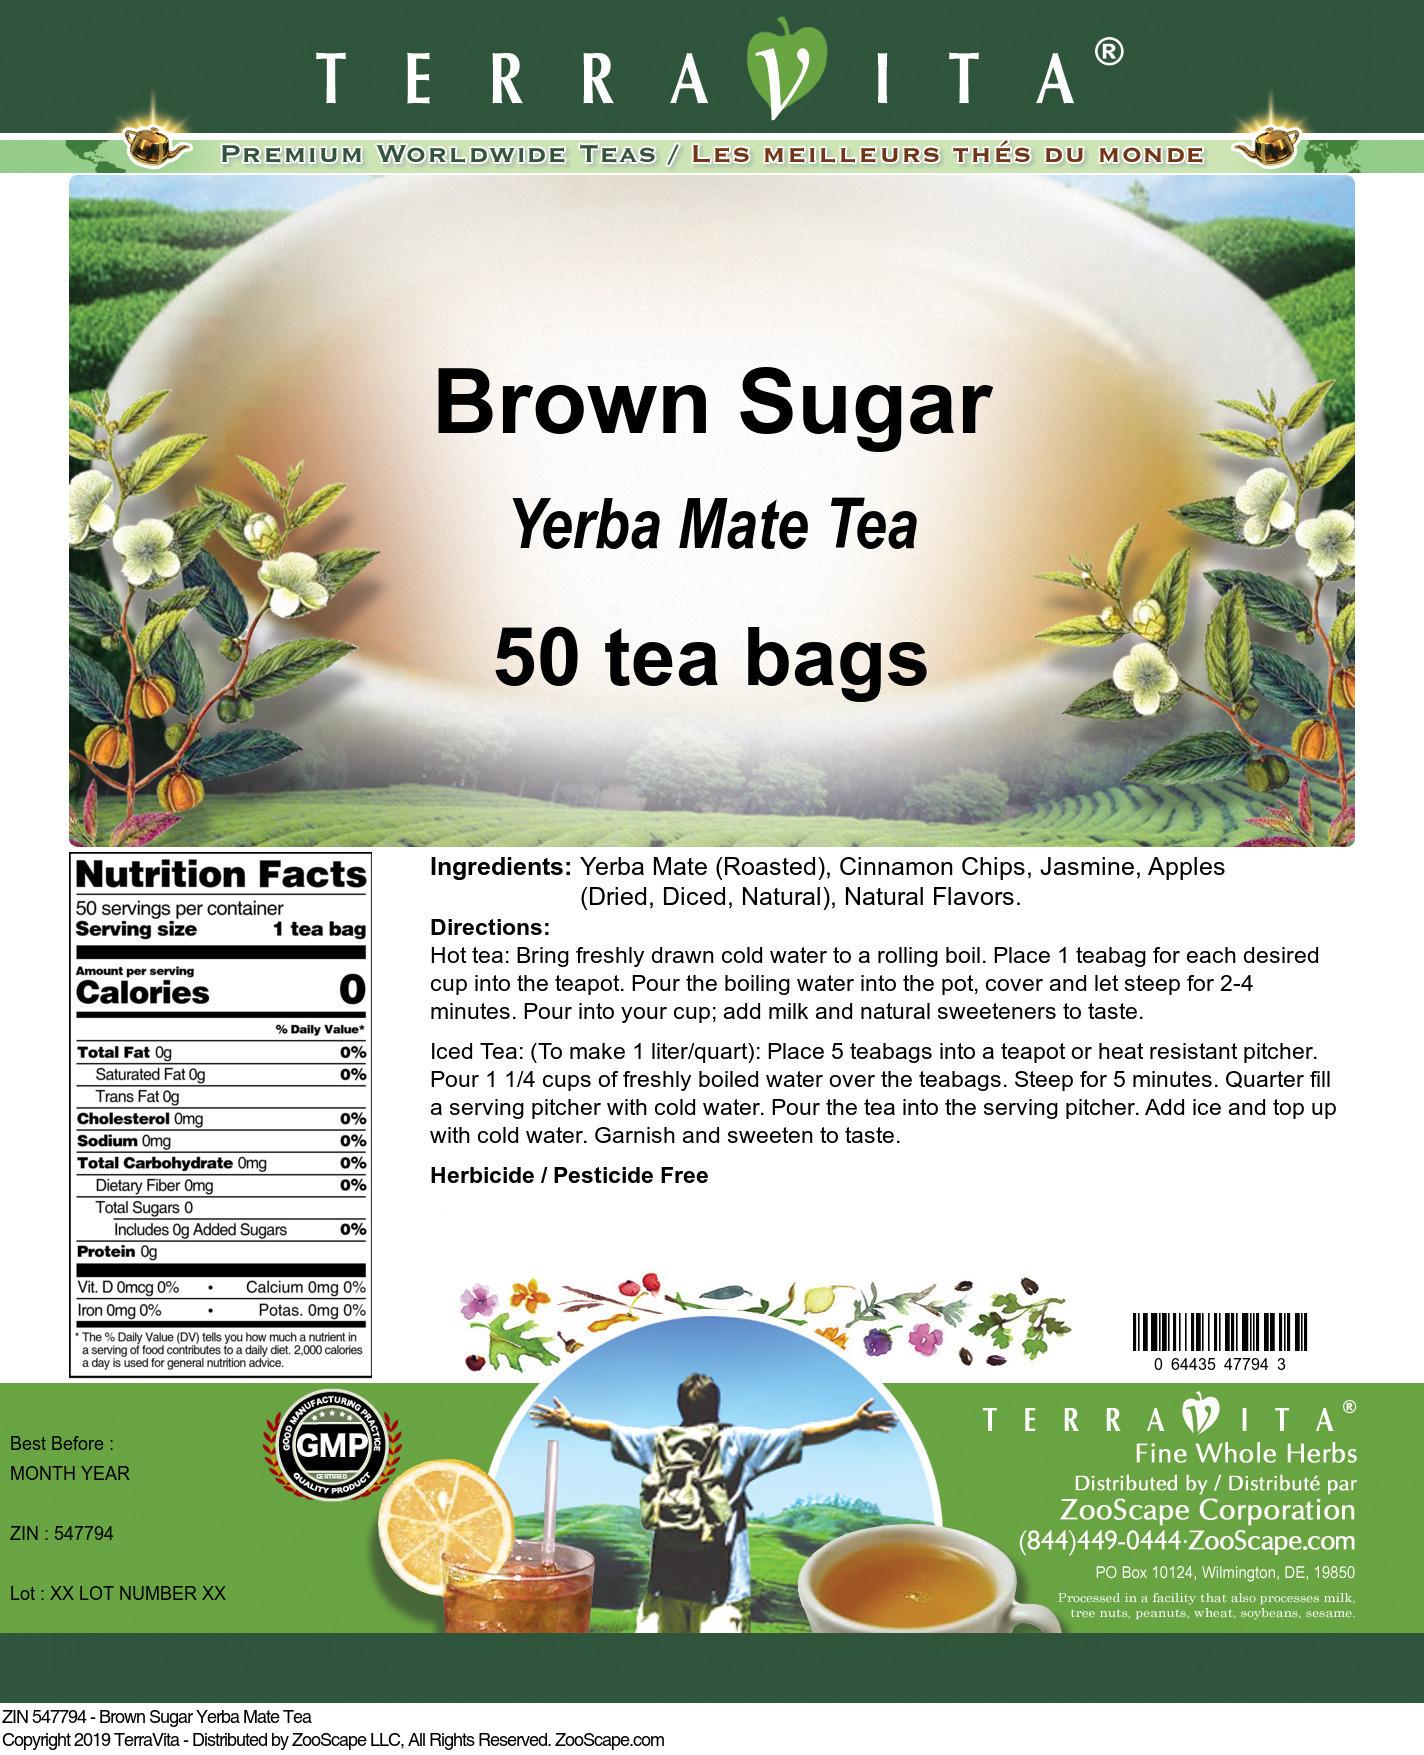 Brown Sugar Yerba Mate